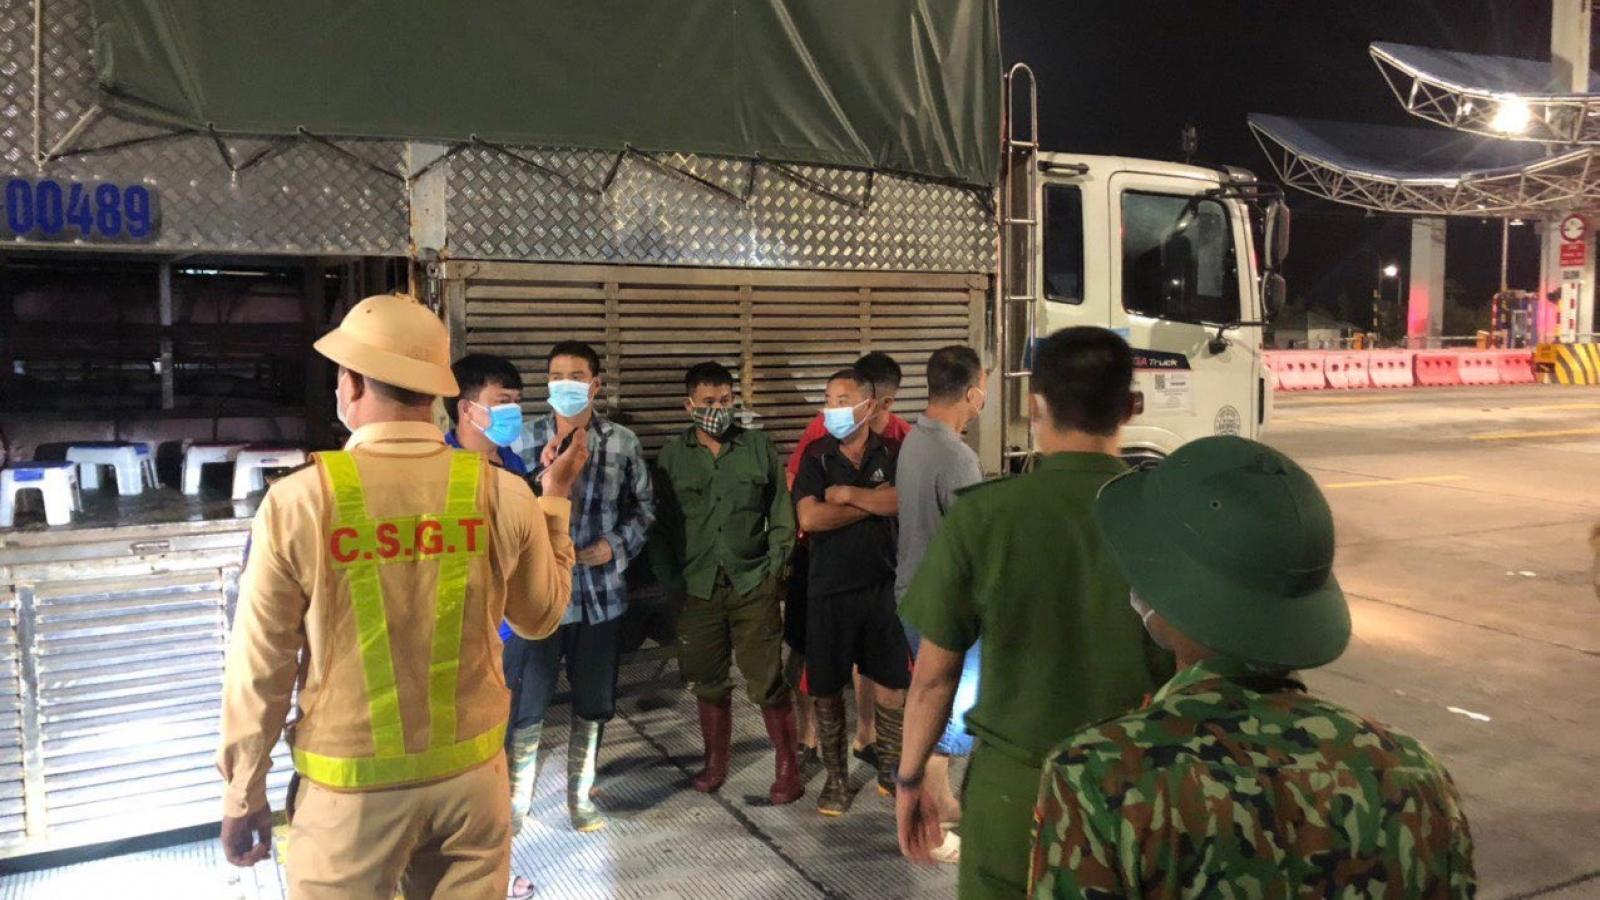 """Phát hiện 4 người trốn trong xe chở lợn để """"thông chốt"""" vào Quảng Ninh"""